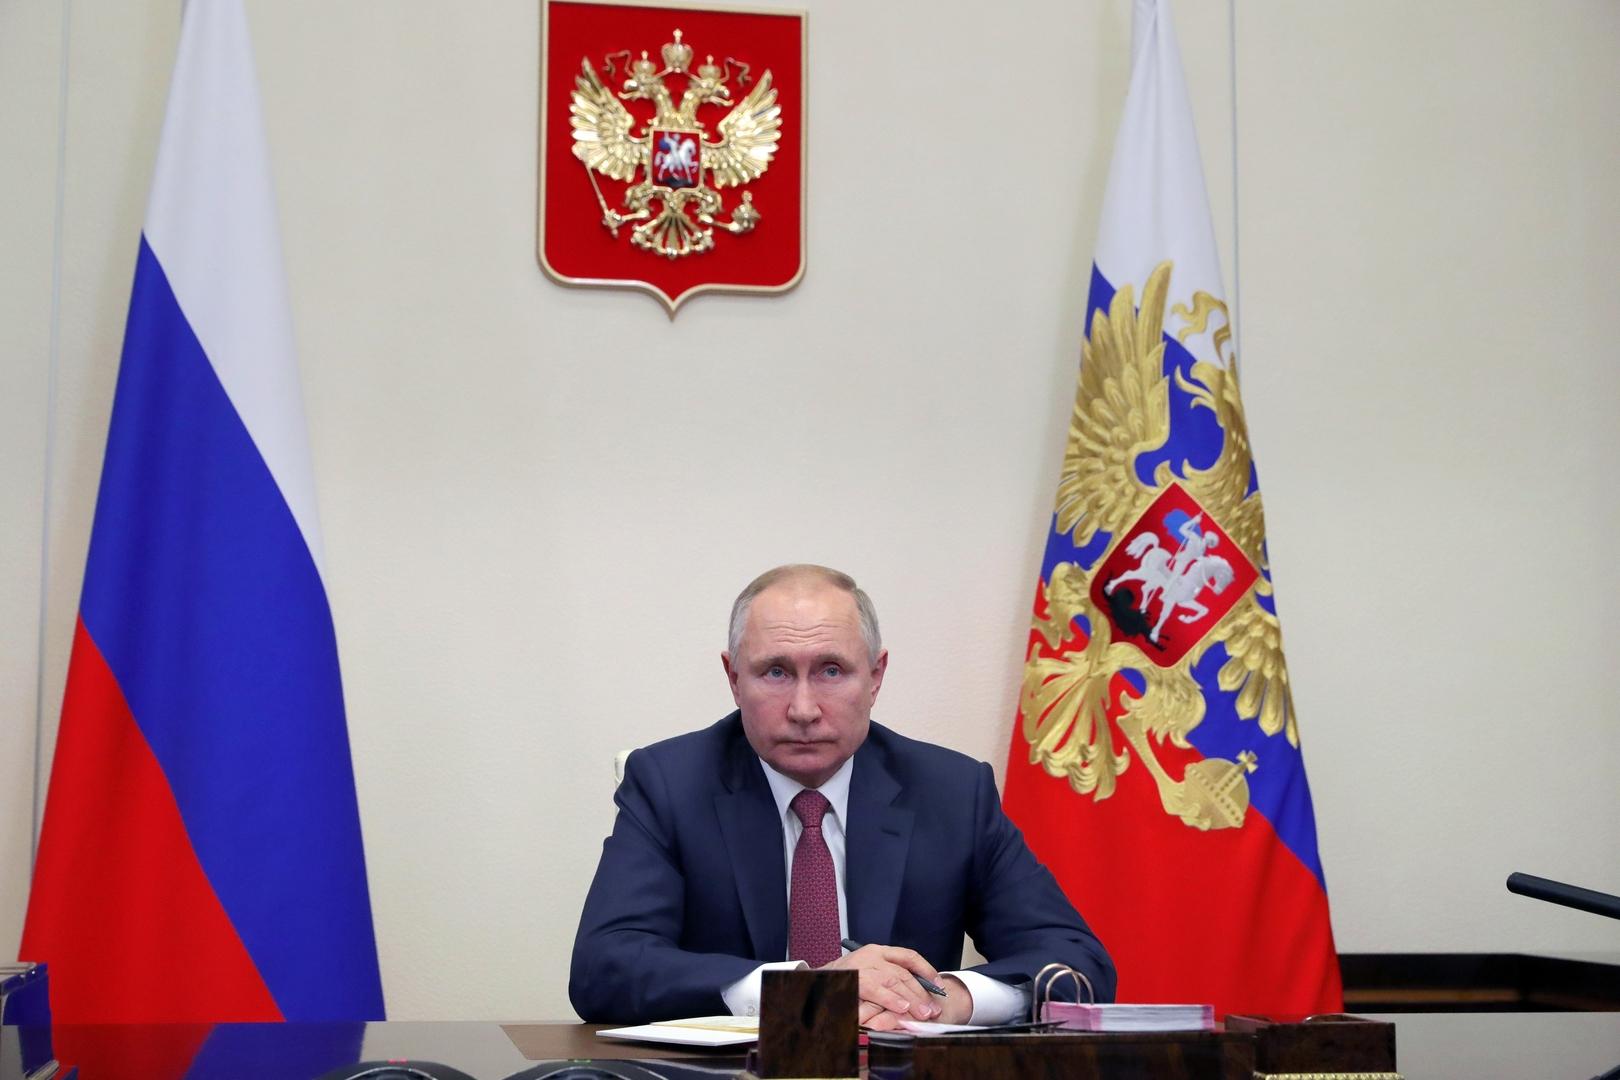 بوتين يعقد اجتماعا يناقش تسوية النزاع في قره باغ